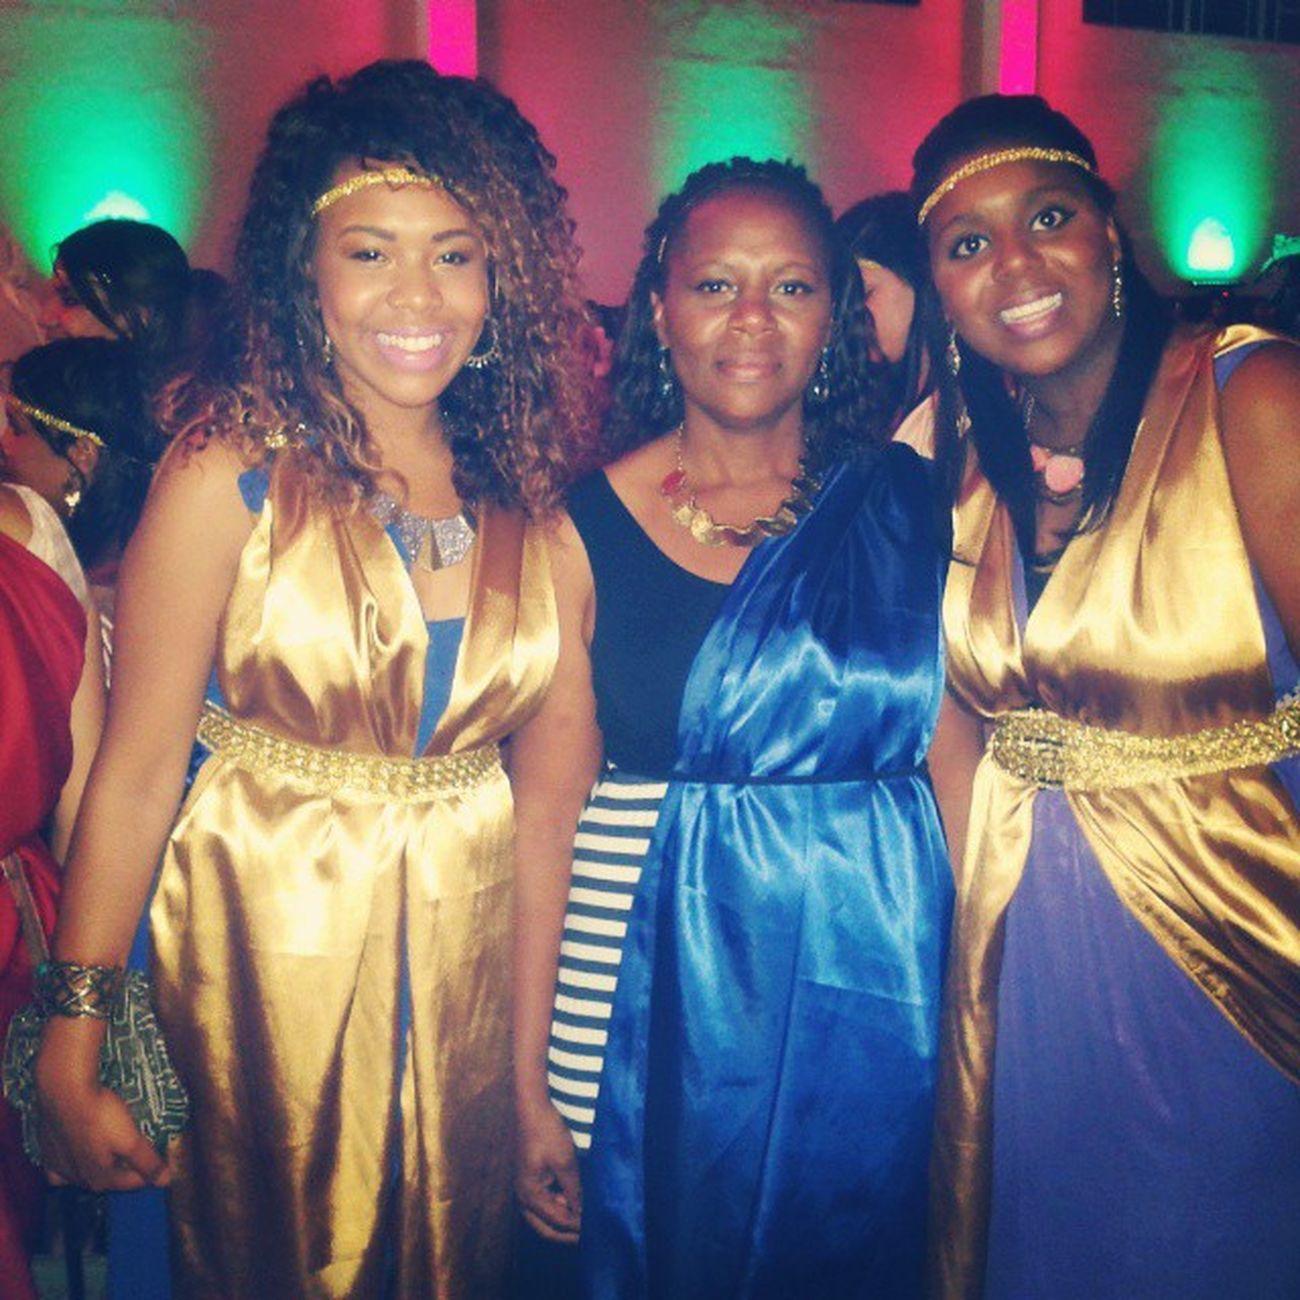 Festa dos TABERNACULOS Família Lindas amores mãe irma igreja universal do reino de Deus joao dias hair cute noite boanoite feliz hebreus ((: